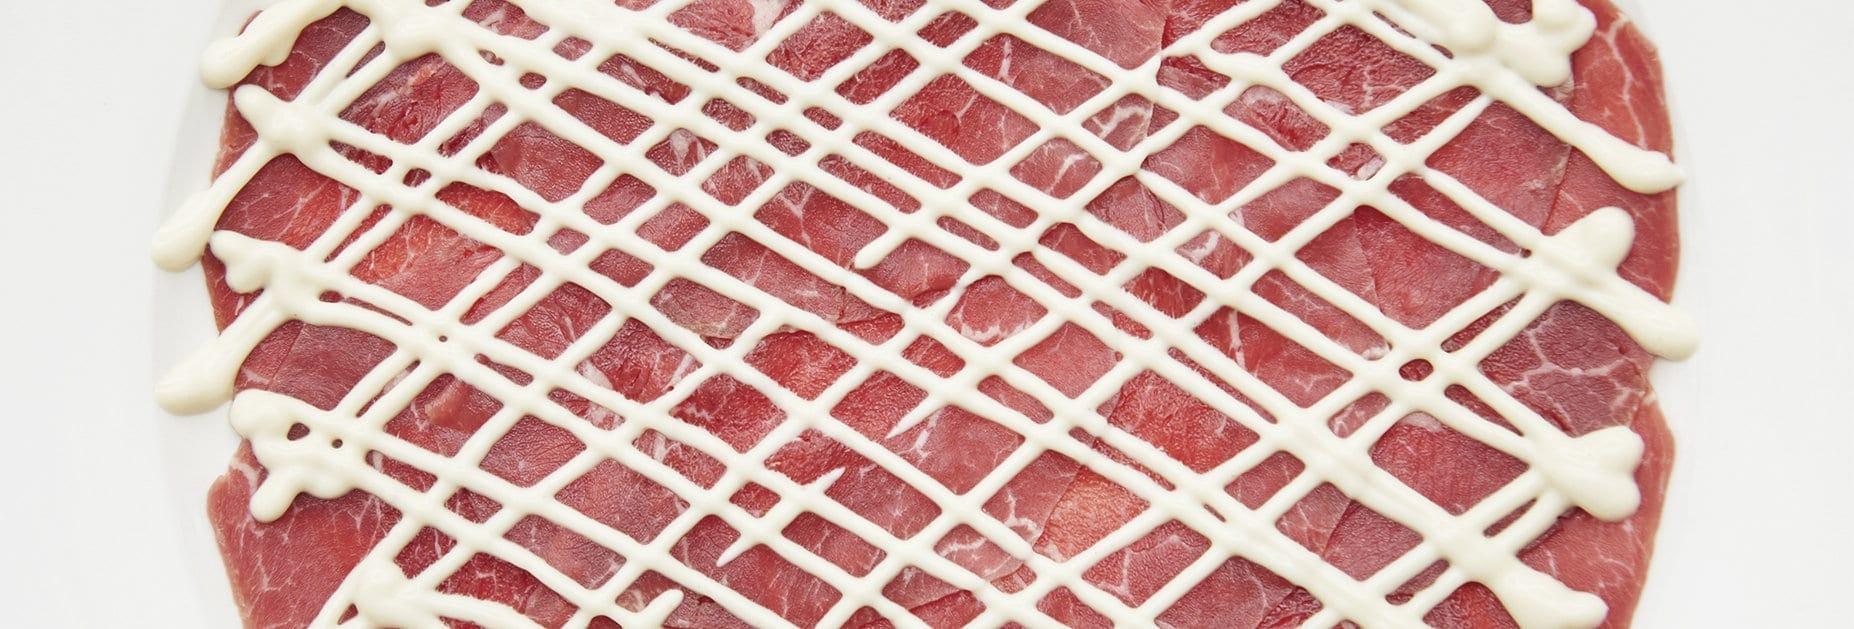 Rindfleisch wie gemalt